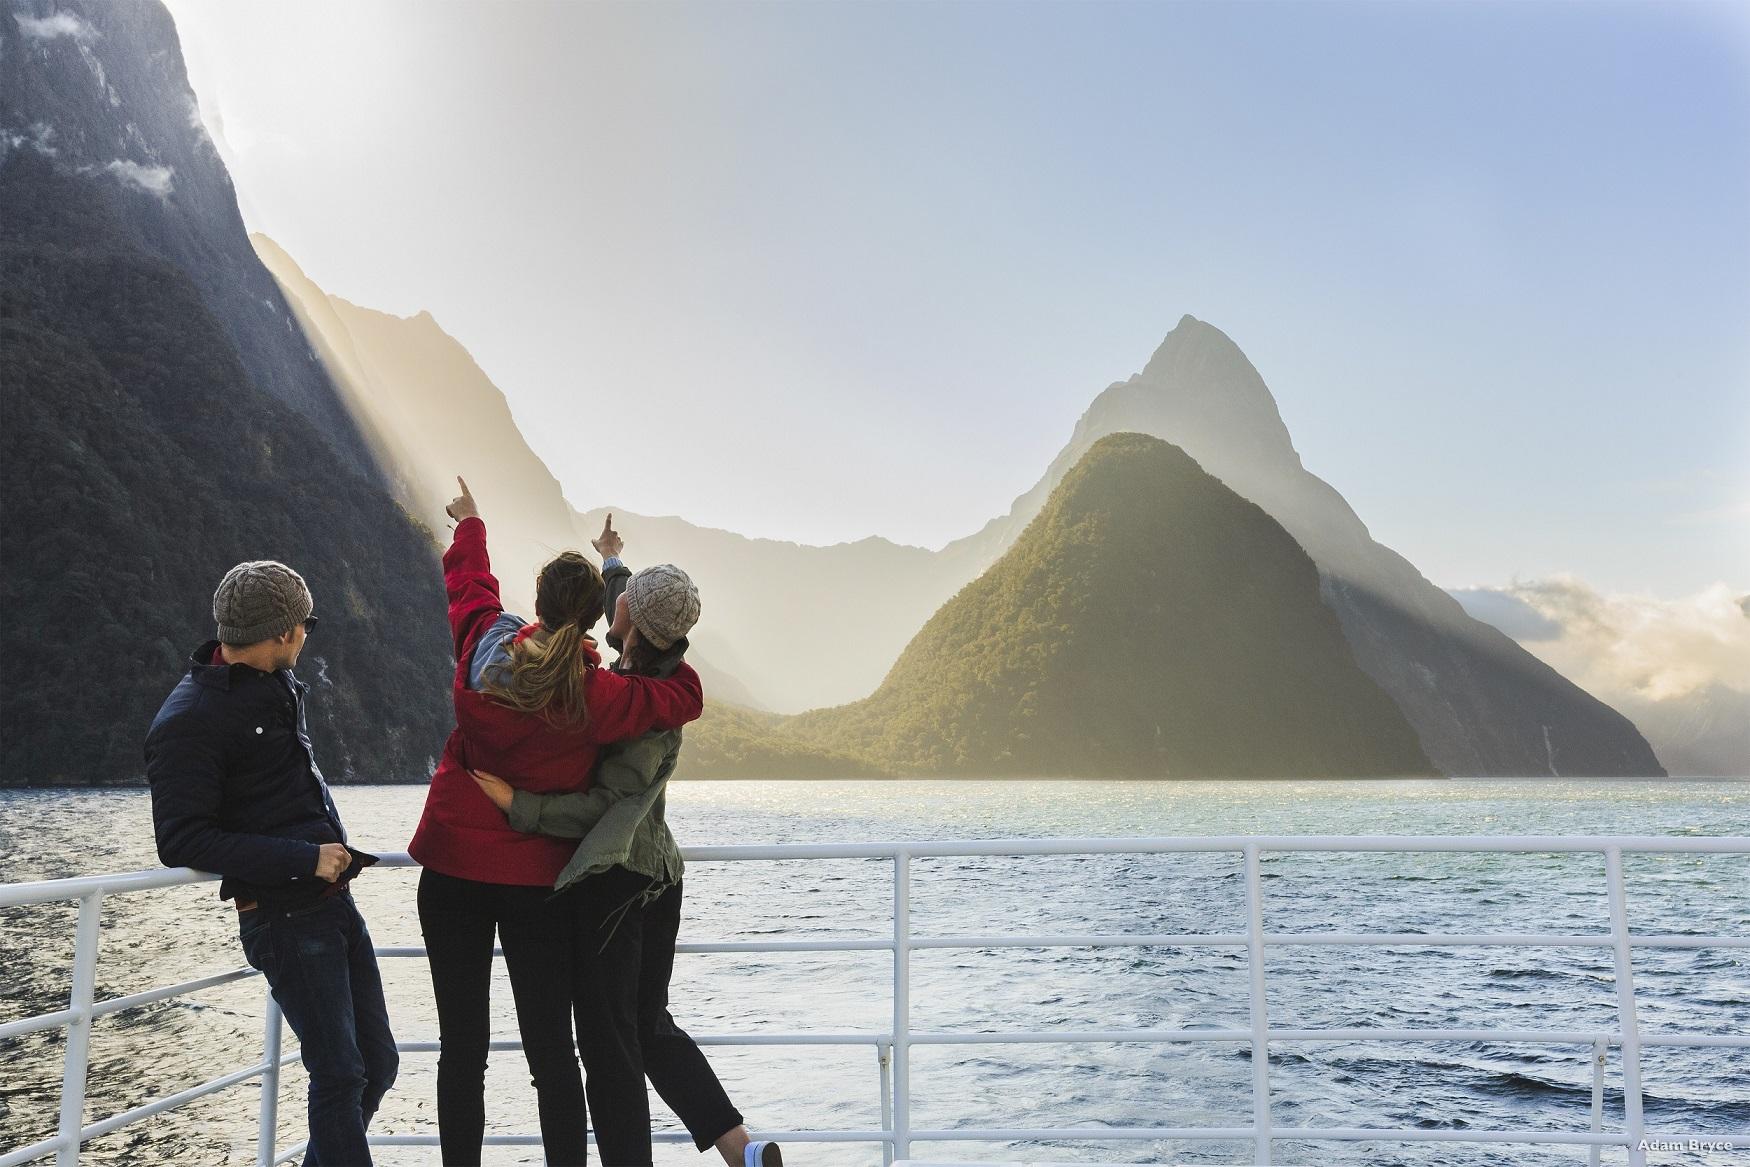 親近米佛峽灣,觀賞世界第八大奇觀風光。(圖/紐西蘭航空)